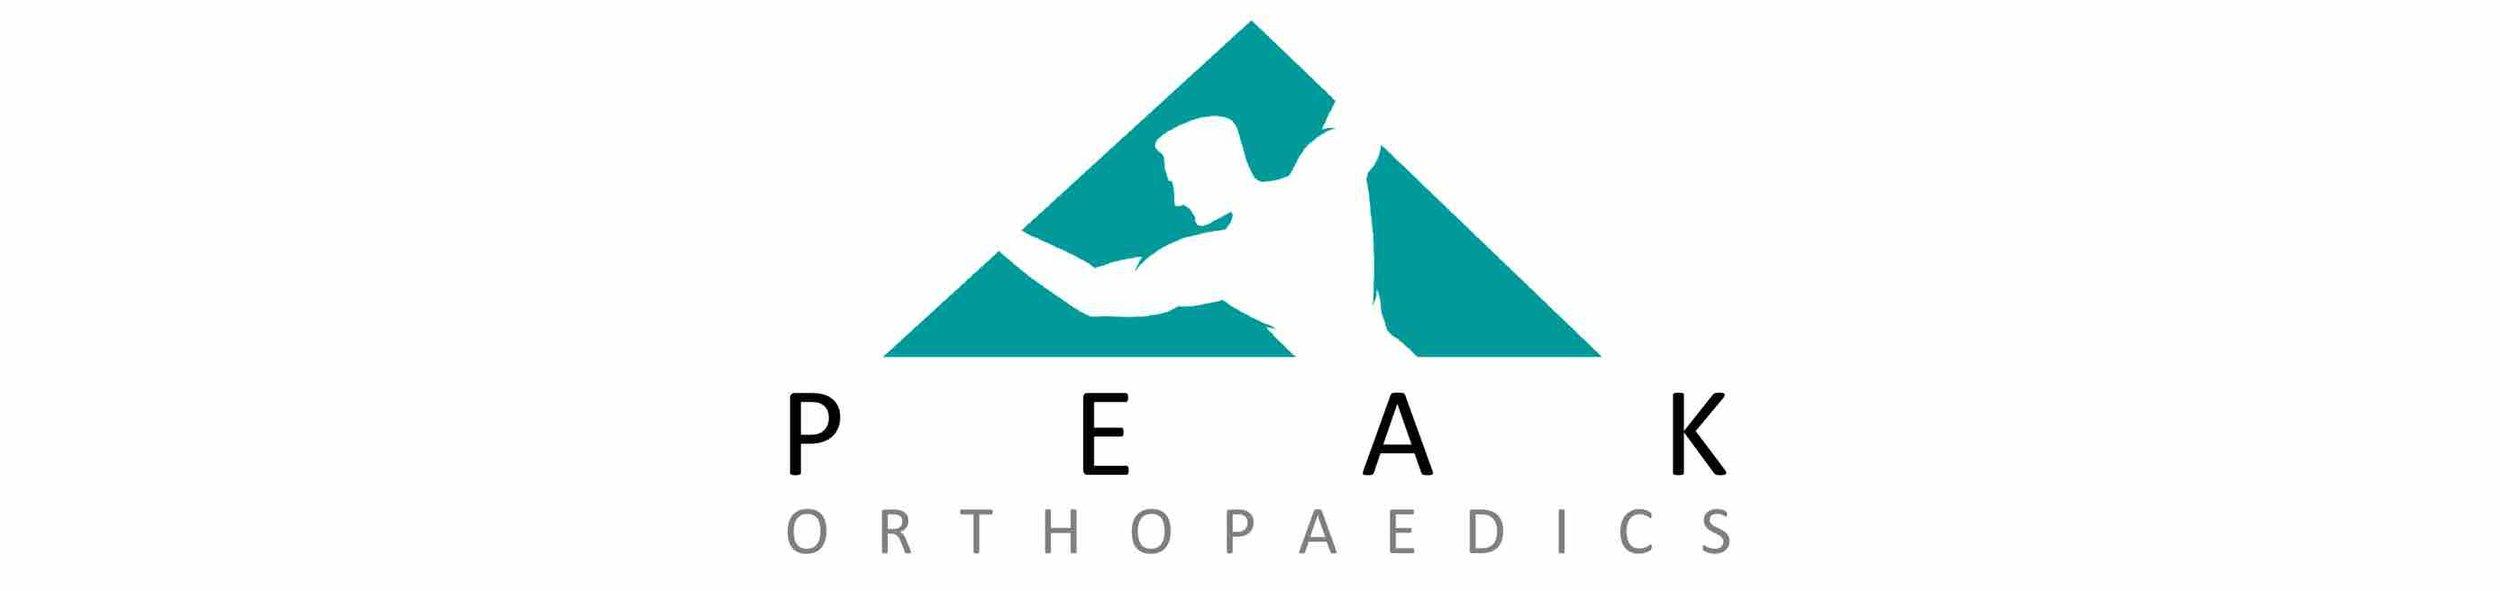 Peak Orthopaedics, New Plymouth, Taranaki Best Orthopaedic Surgeon